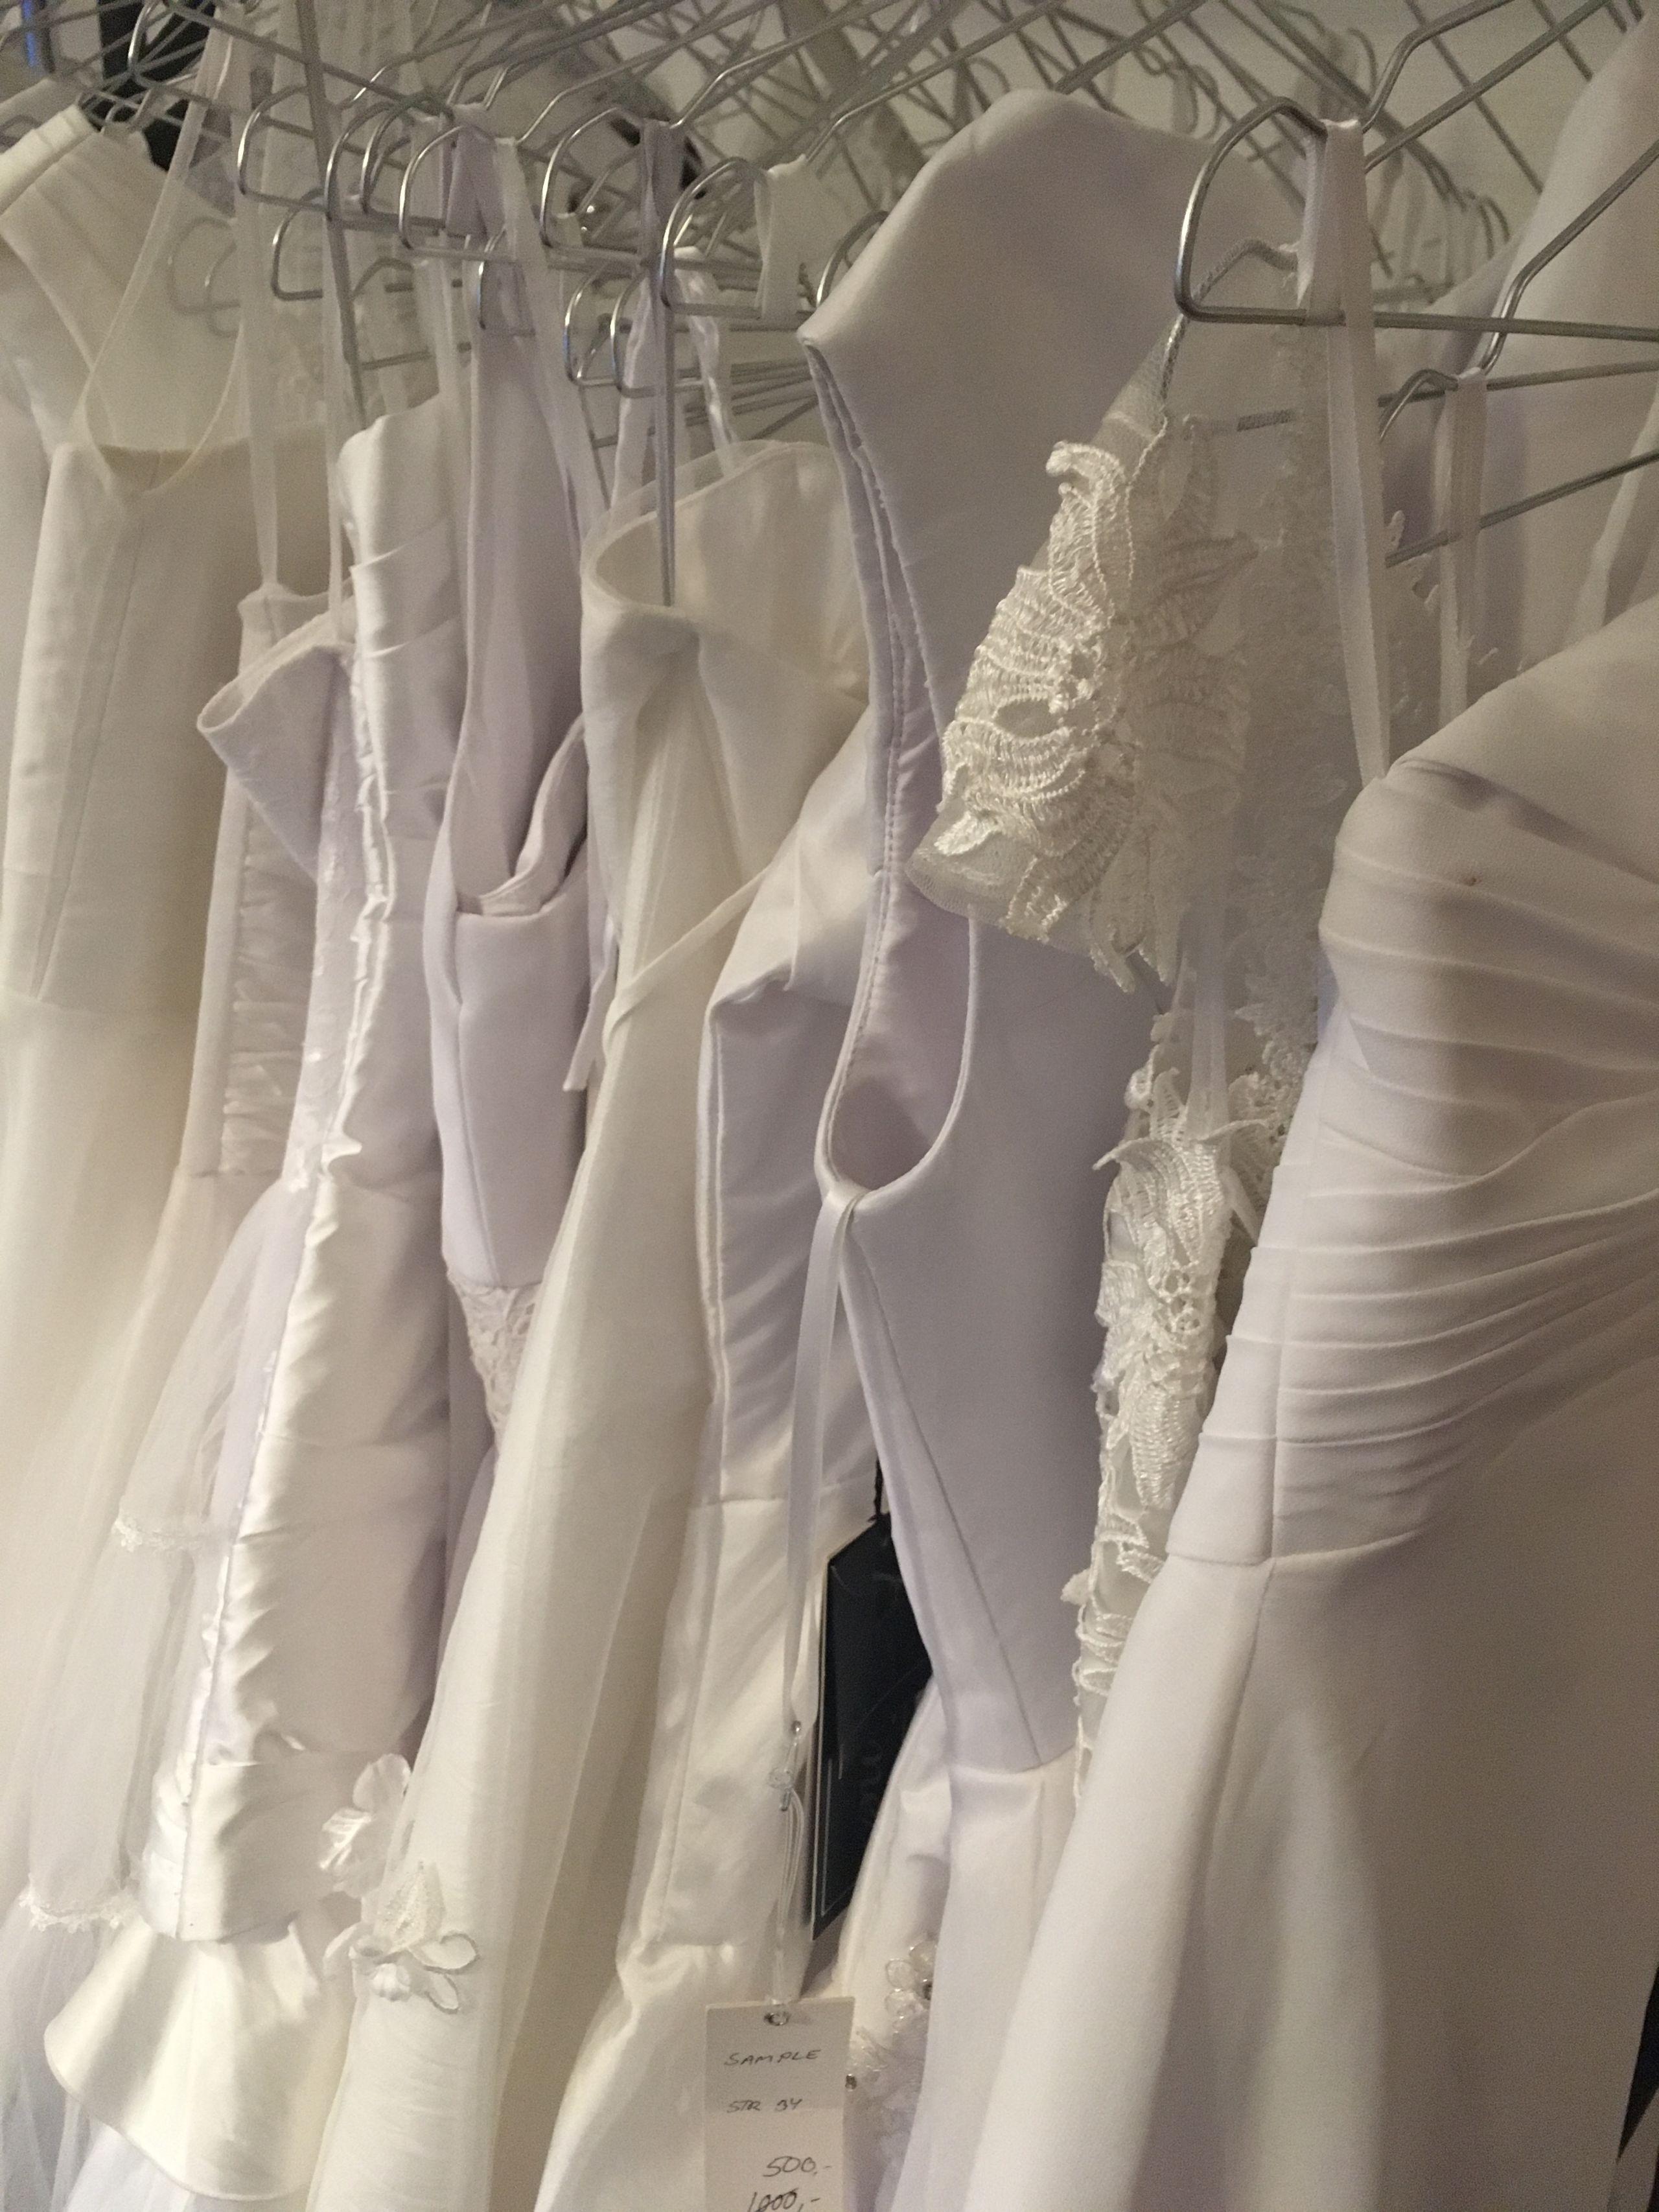 De kommende konfirmander kan vælge mellem 150 nye og brugte kjoler. Foto: Kirkens Korshær